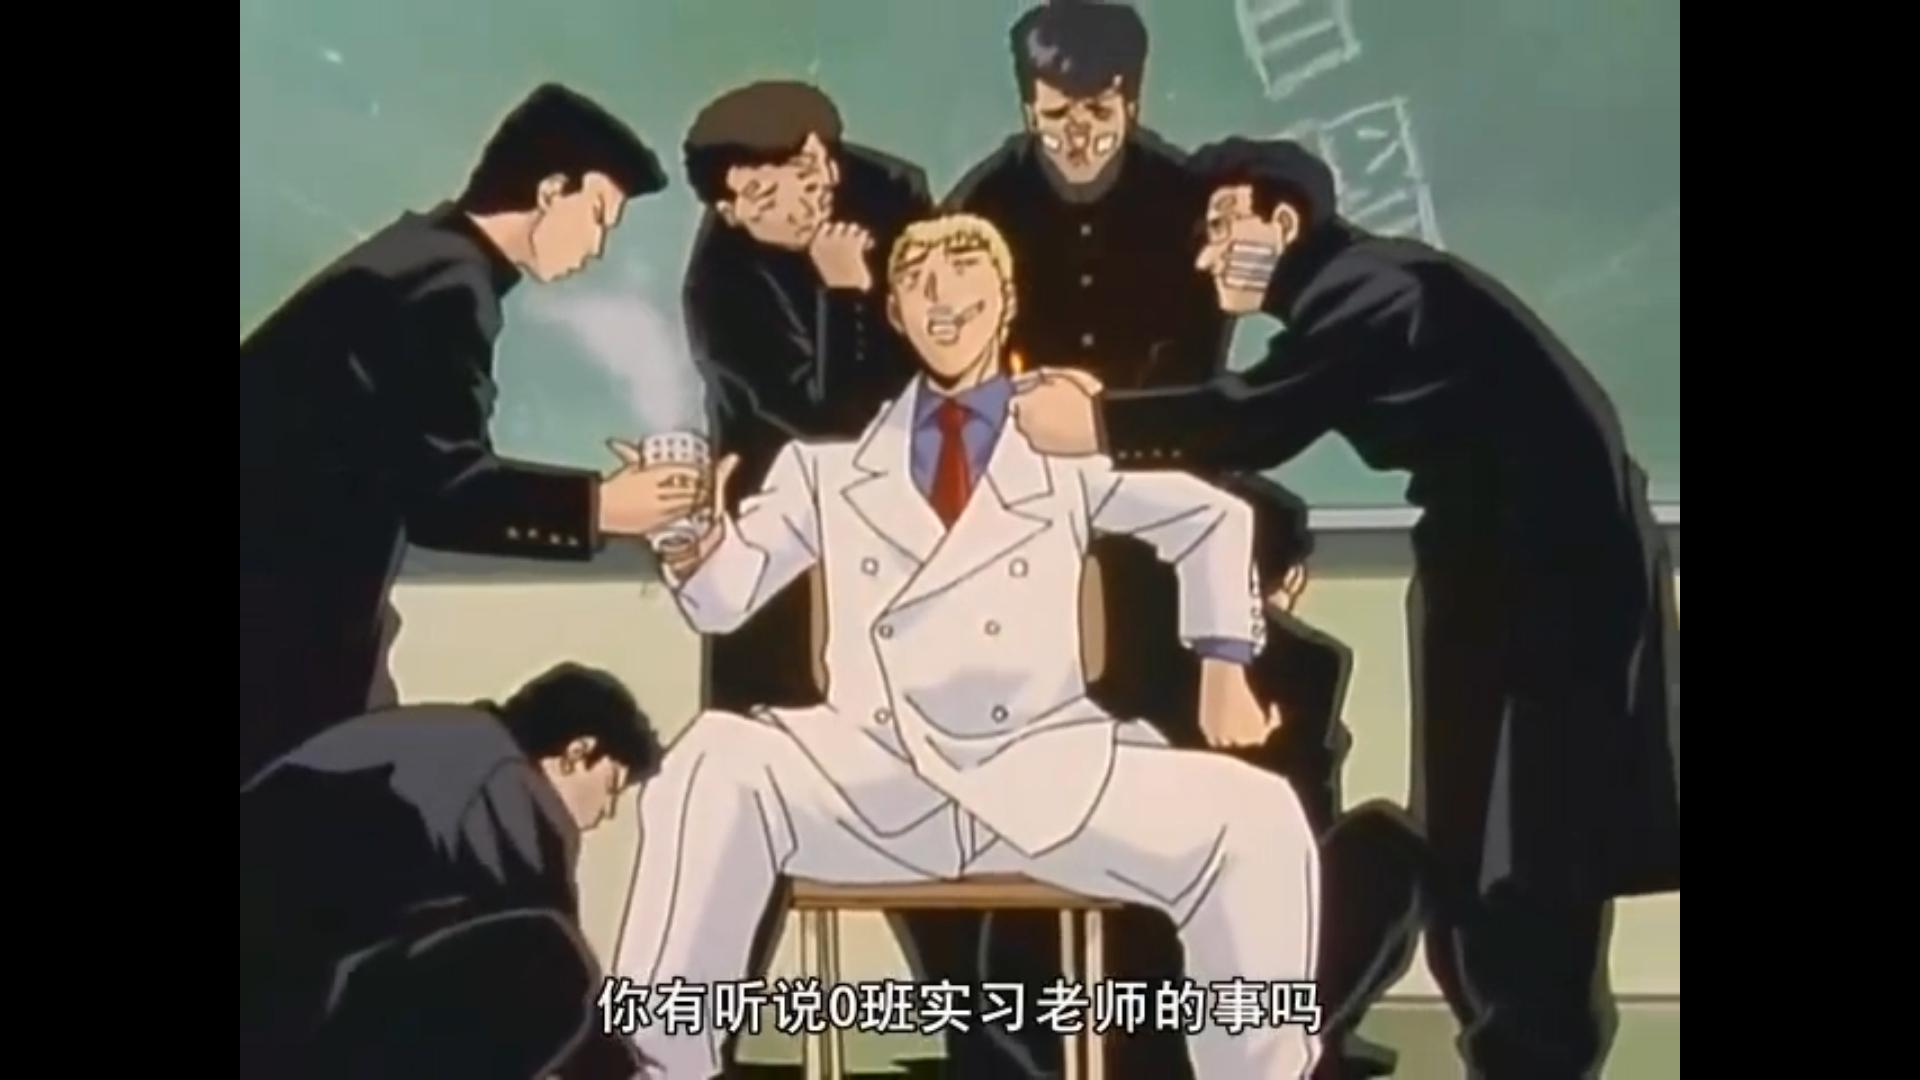 麻辣教师01:社会大哥来学校最差班级当老师,学生们知道老师身份老实了